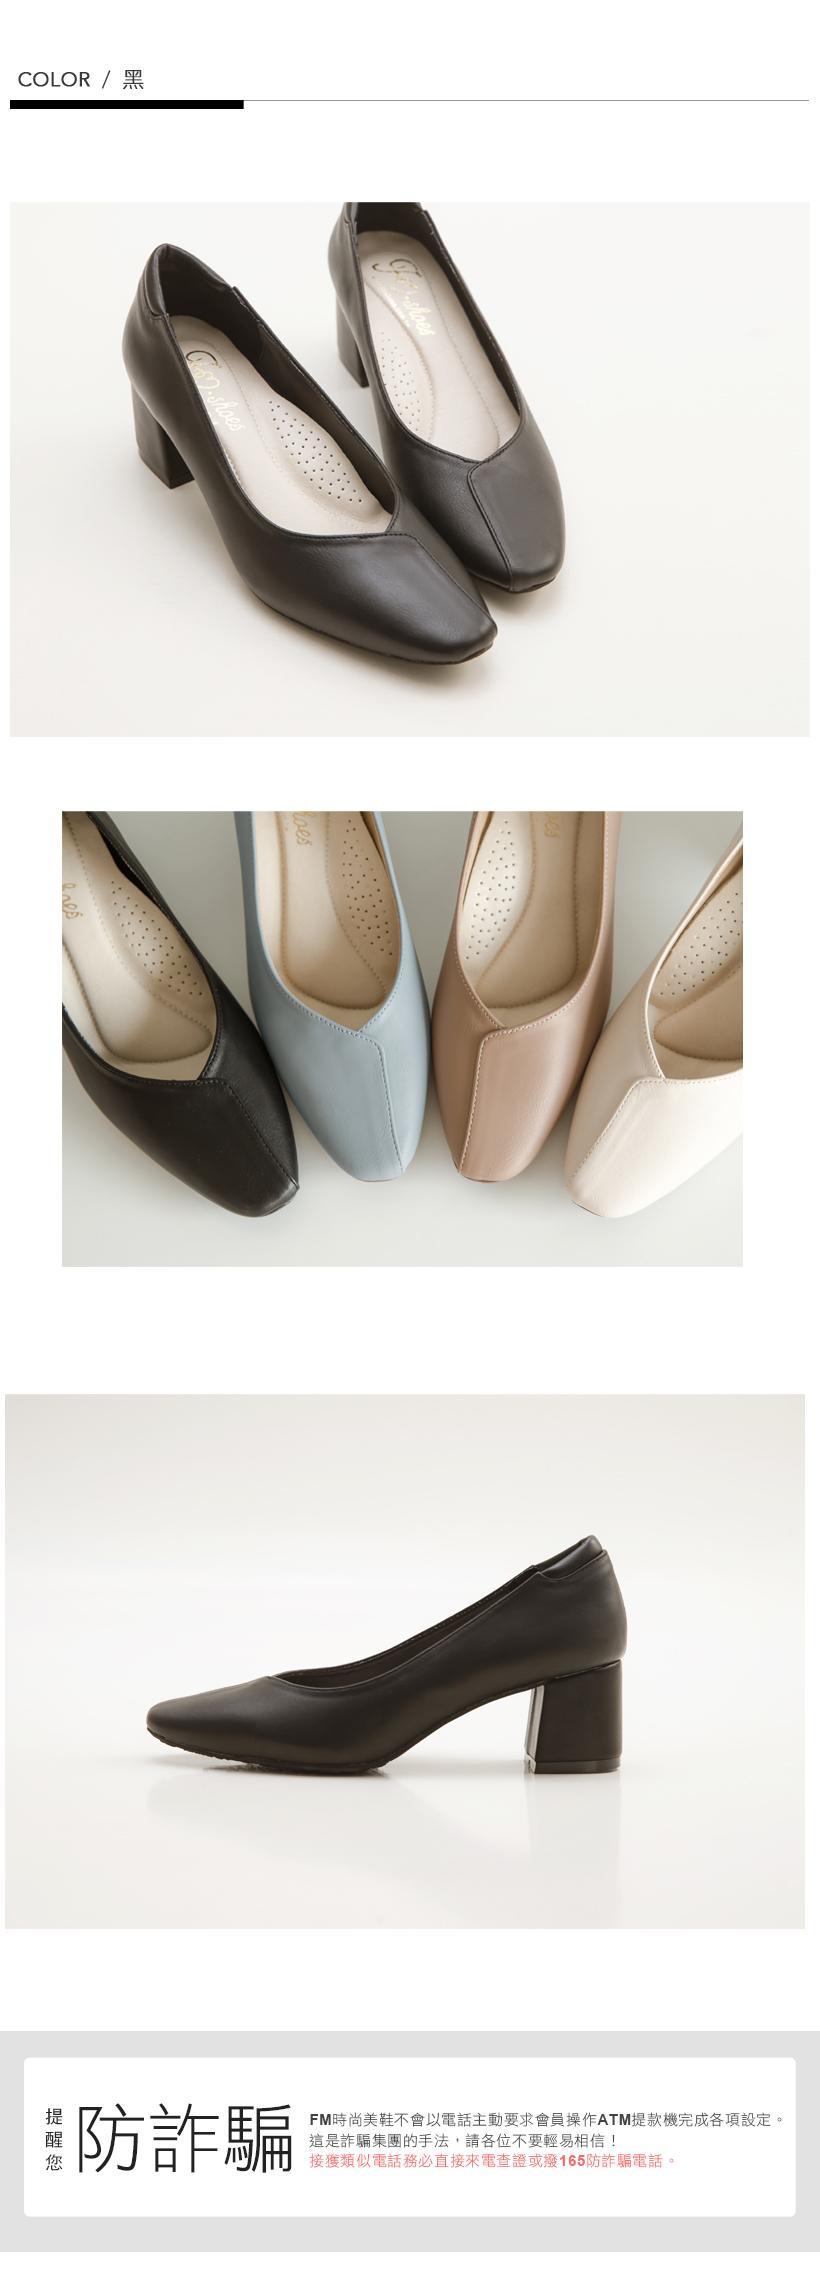 訂製款-荷葉邊小方頭防磨腳高跟鞋(灰藍)-大尺碼